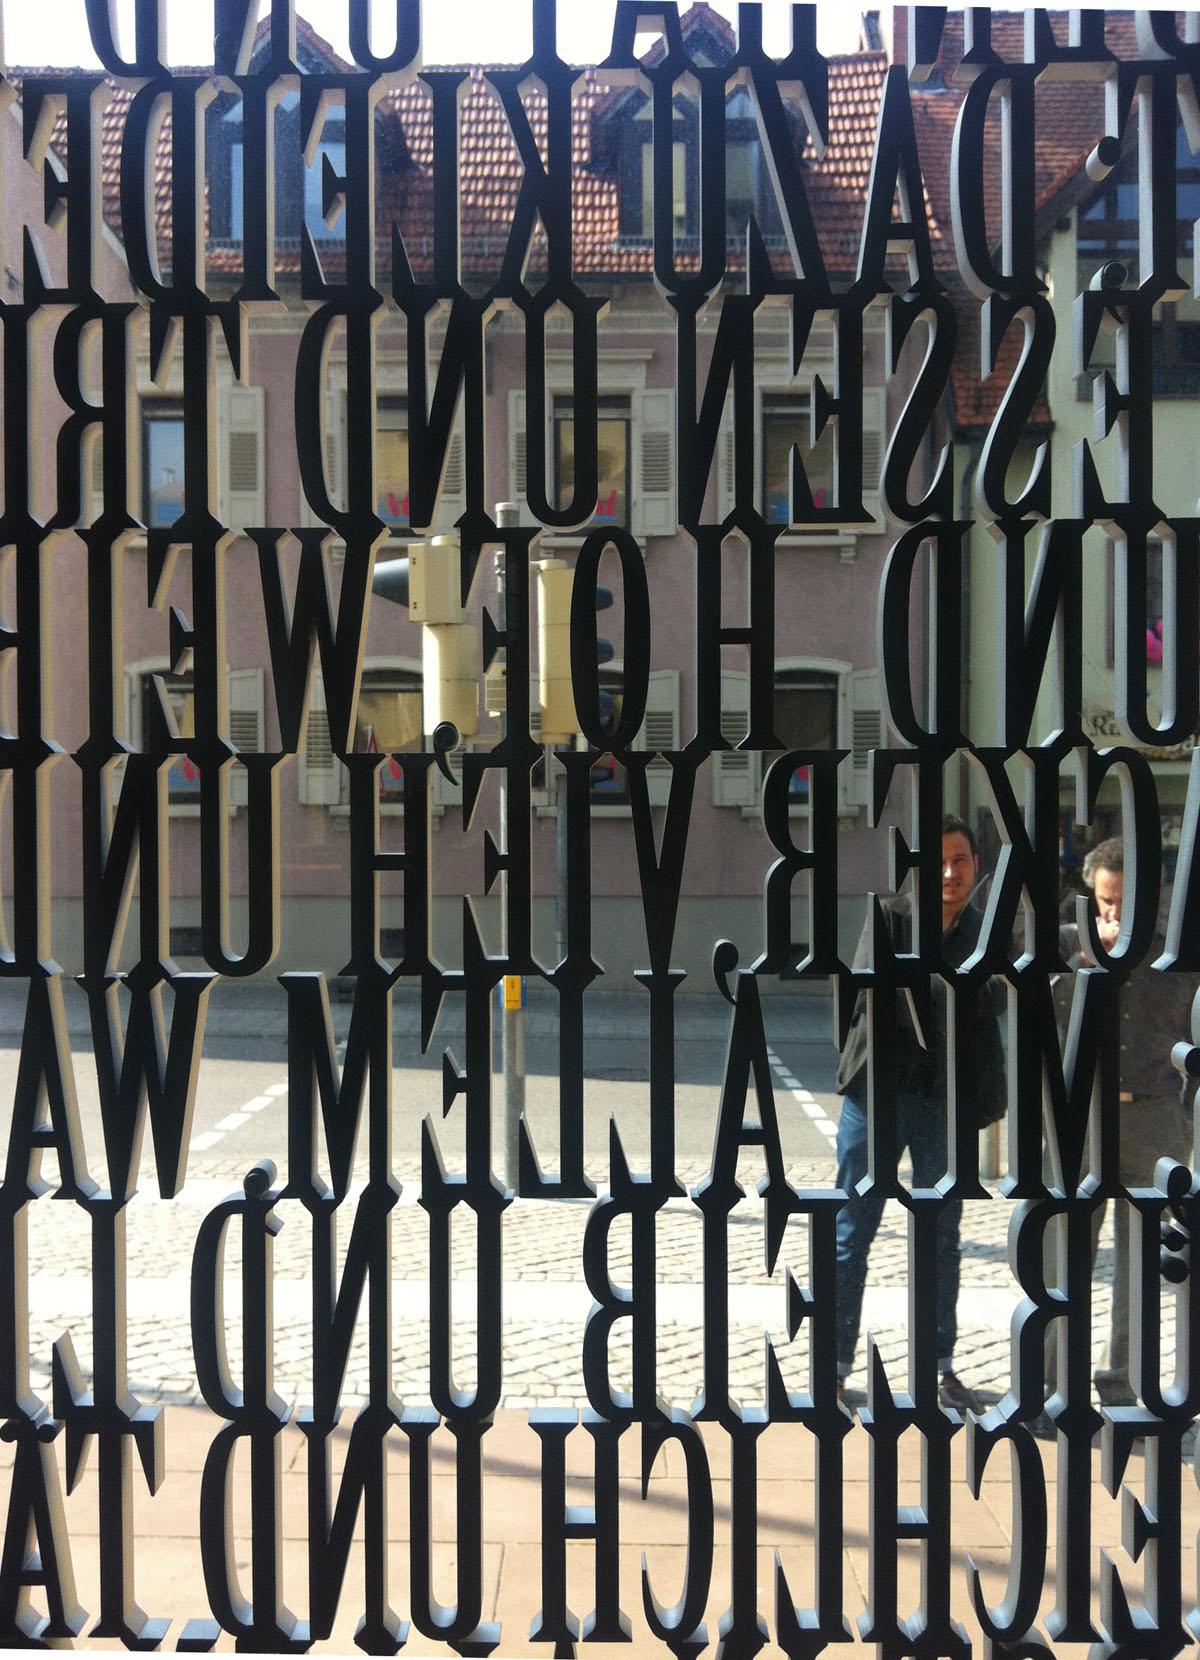 Blick durch das Kirchenportal der evangelischen Kirche in Walldorf. Das Portal ist aus Glasscheiben mit einem Alumniumgitter aus Textpassagen gestaltet. Zwischen den Buchstaben erhält man einerseits den Blick nach draußen, andererseits gelangt Tageslicht in den Kircheninnenraum.